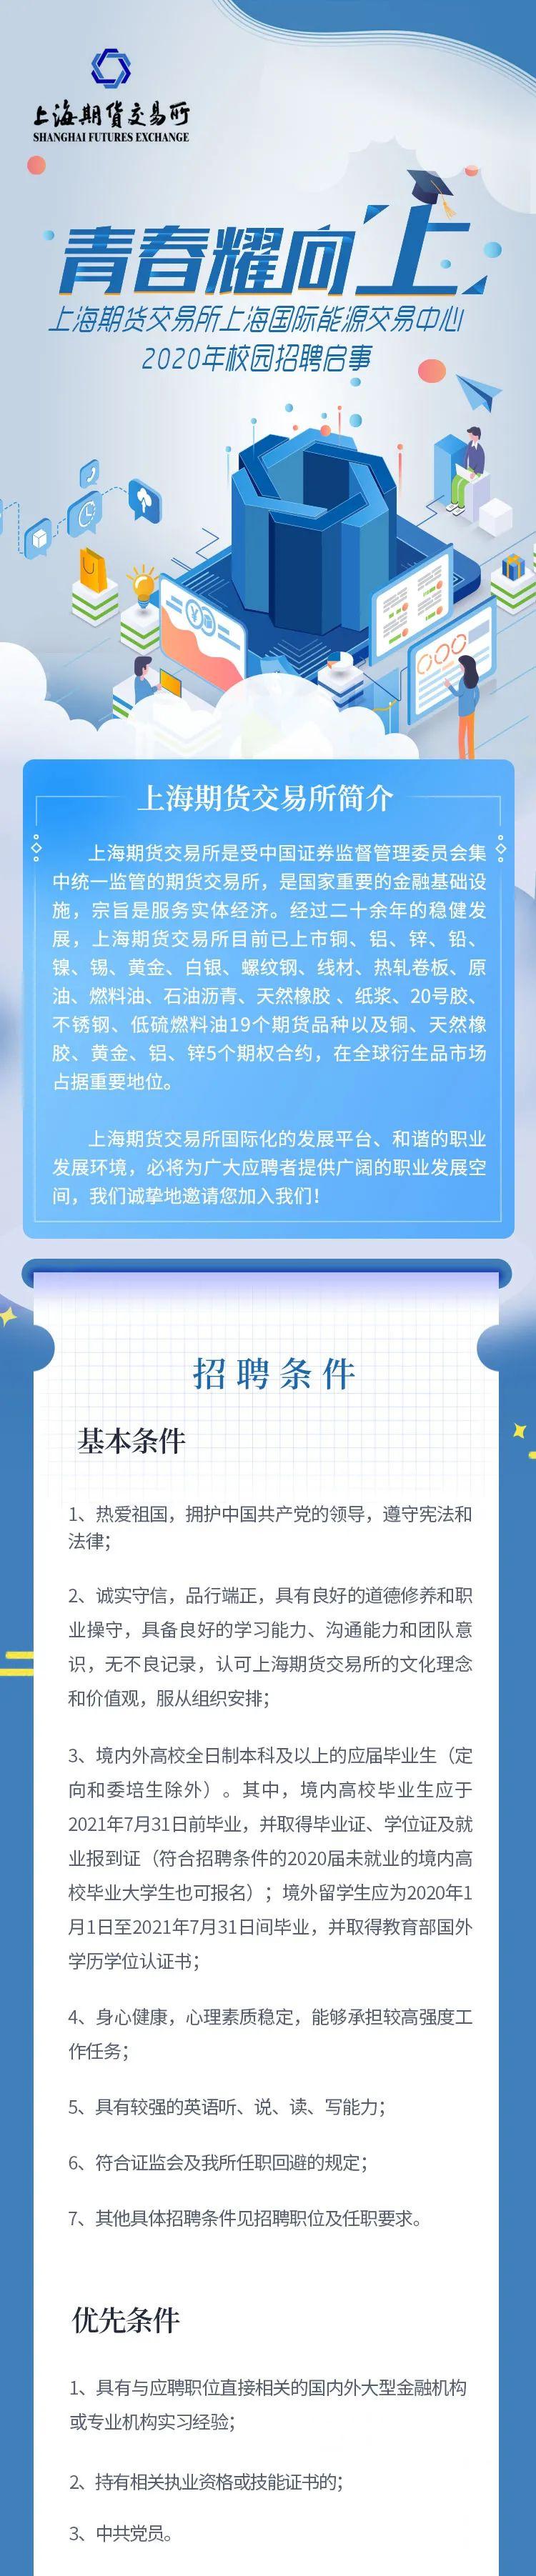 上海期货交易所上海国际能源交易中心2020年校园招聘启事